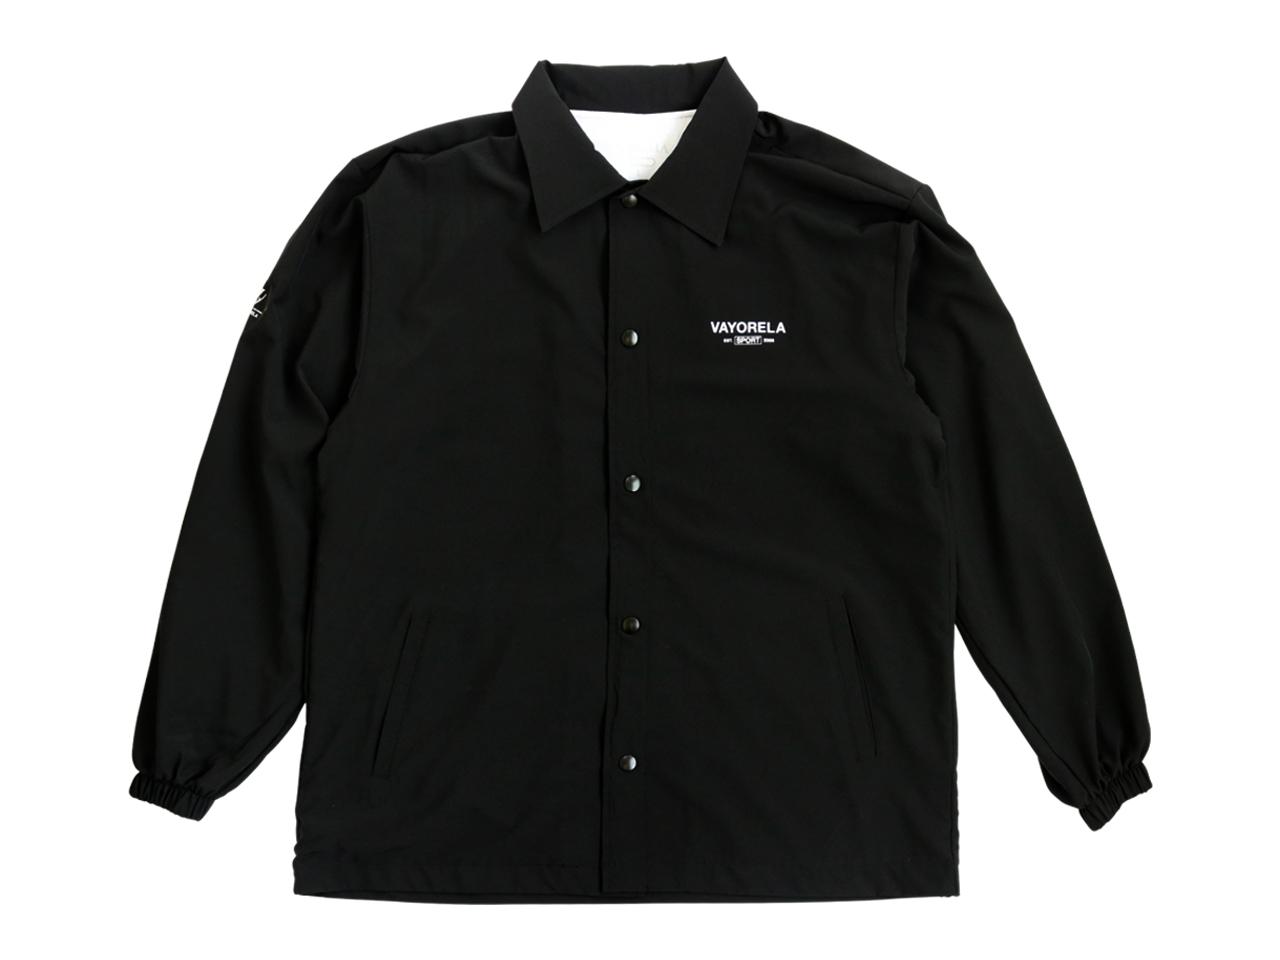 デポー SOFT STRETCH COACH JKT - 特別セール品 ブラック BLK